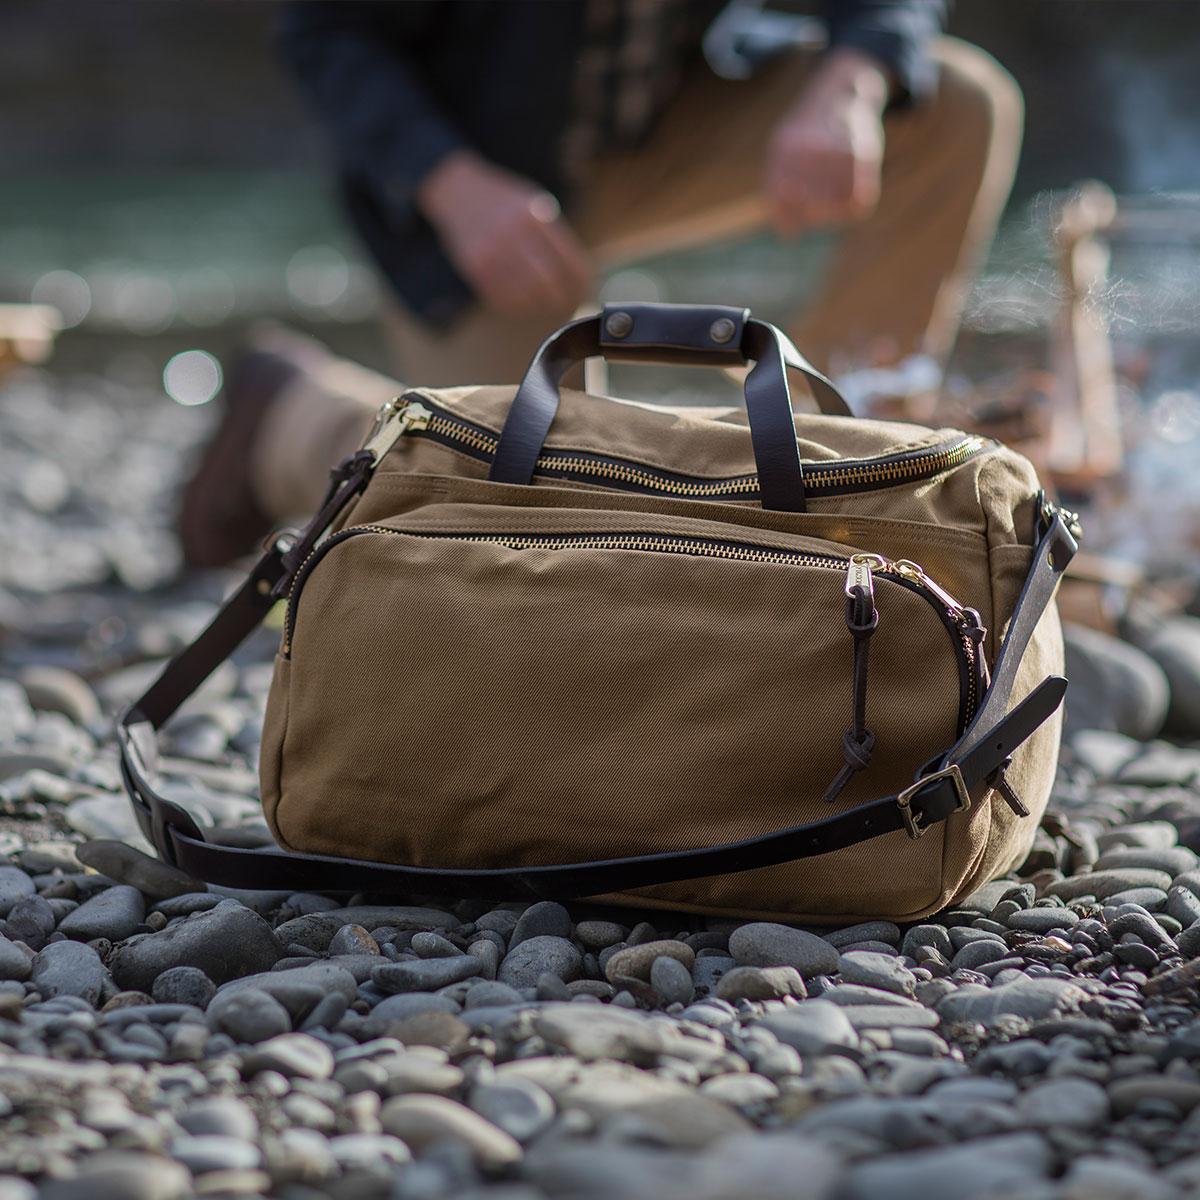 Filson Sportsman Utility Bag Tan, veelzijdige sporttas voor reizen in stijl